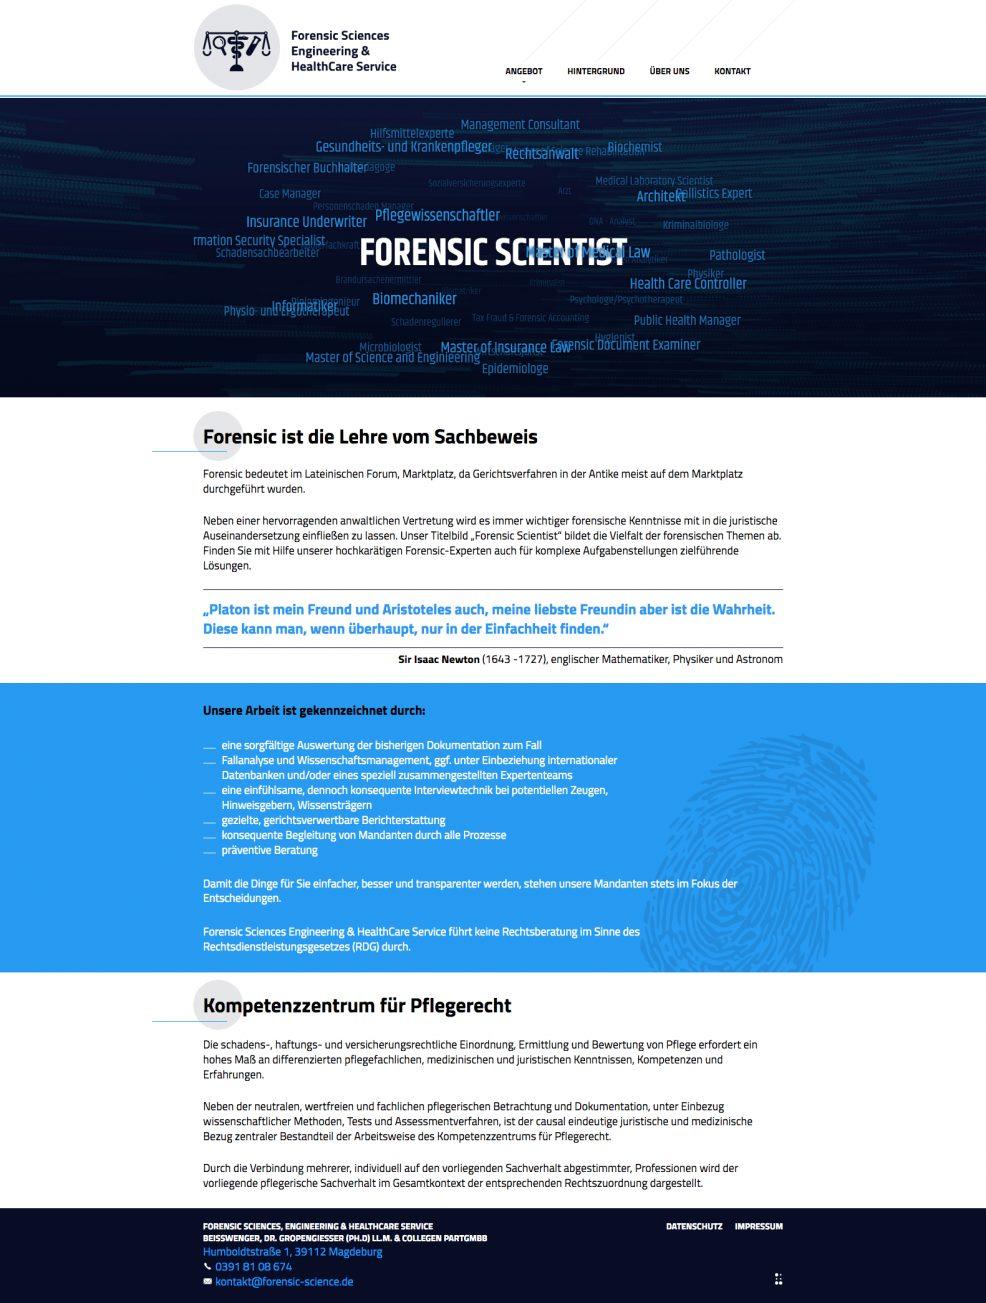 Webdesign + Programmierung für  Forensic Sciences Engineering & HealthCare Service